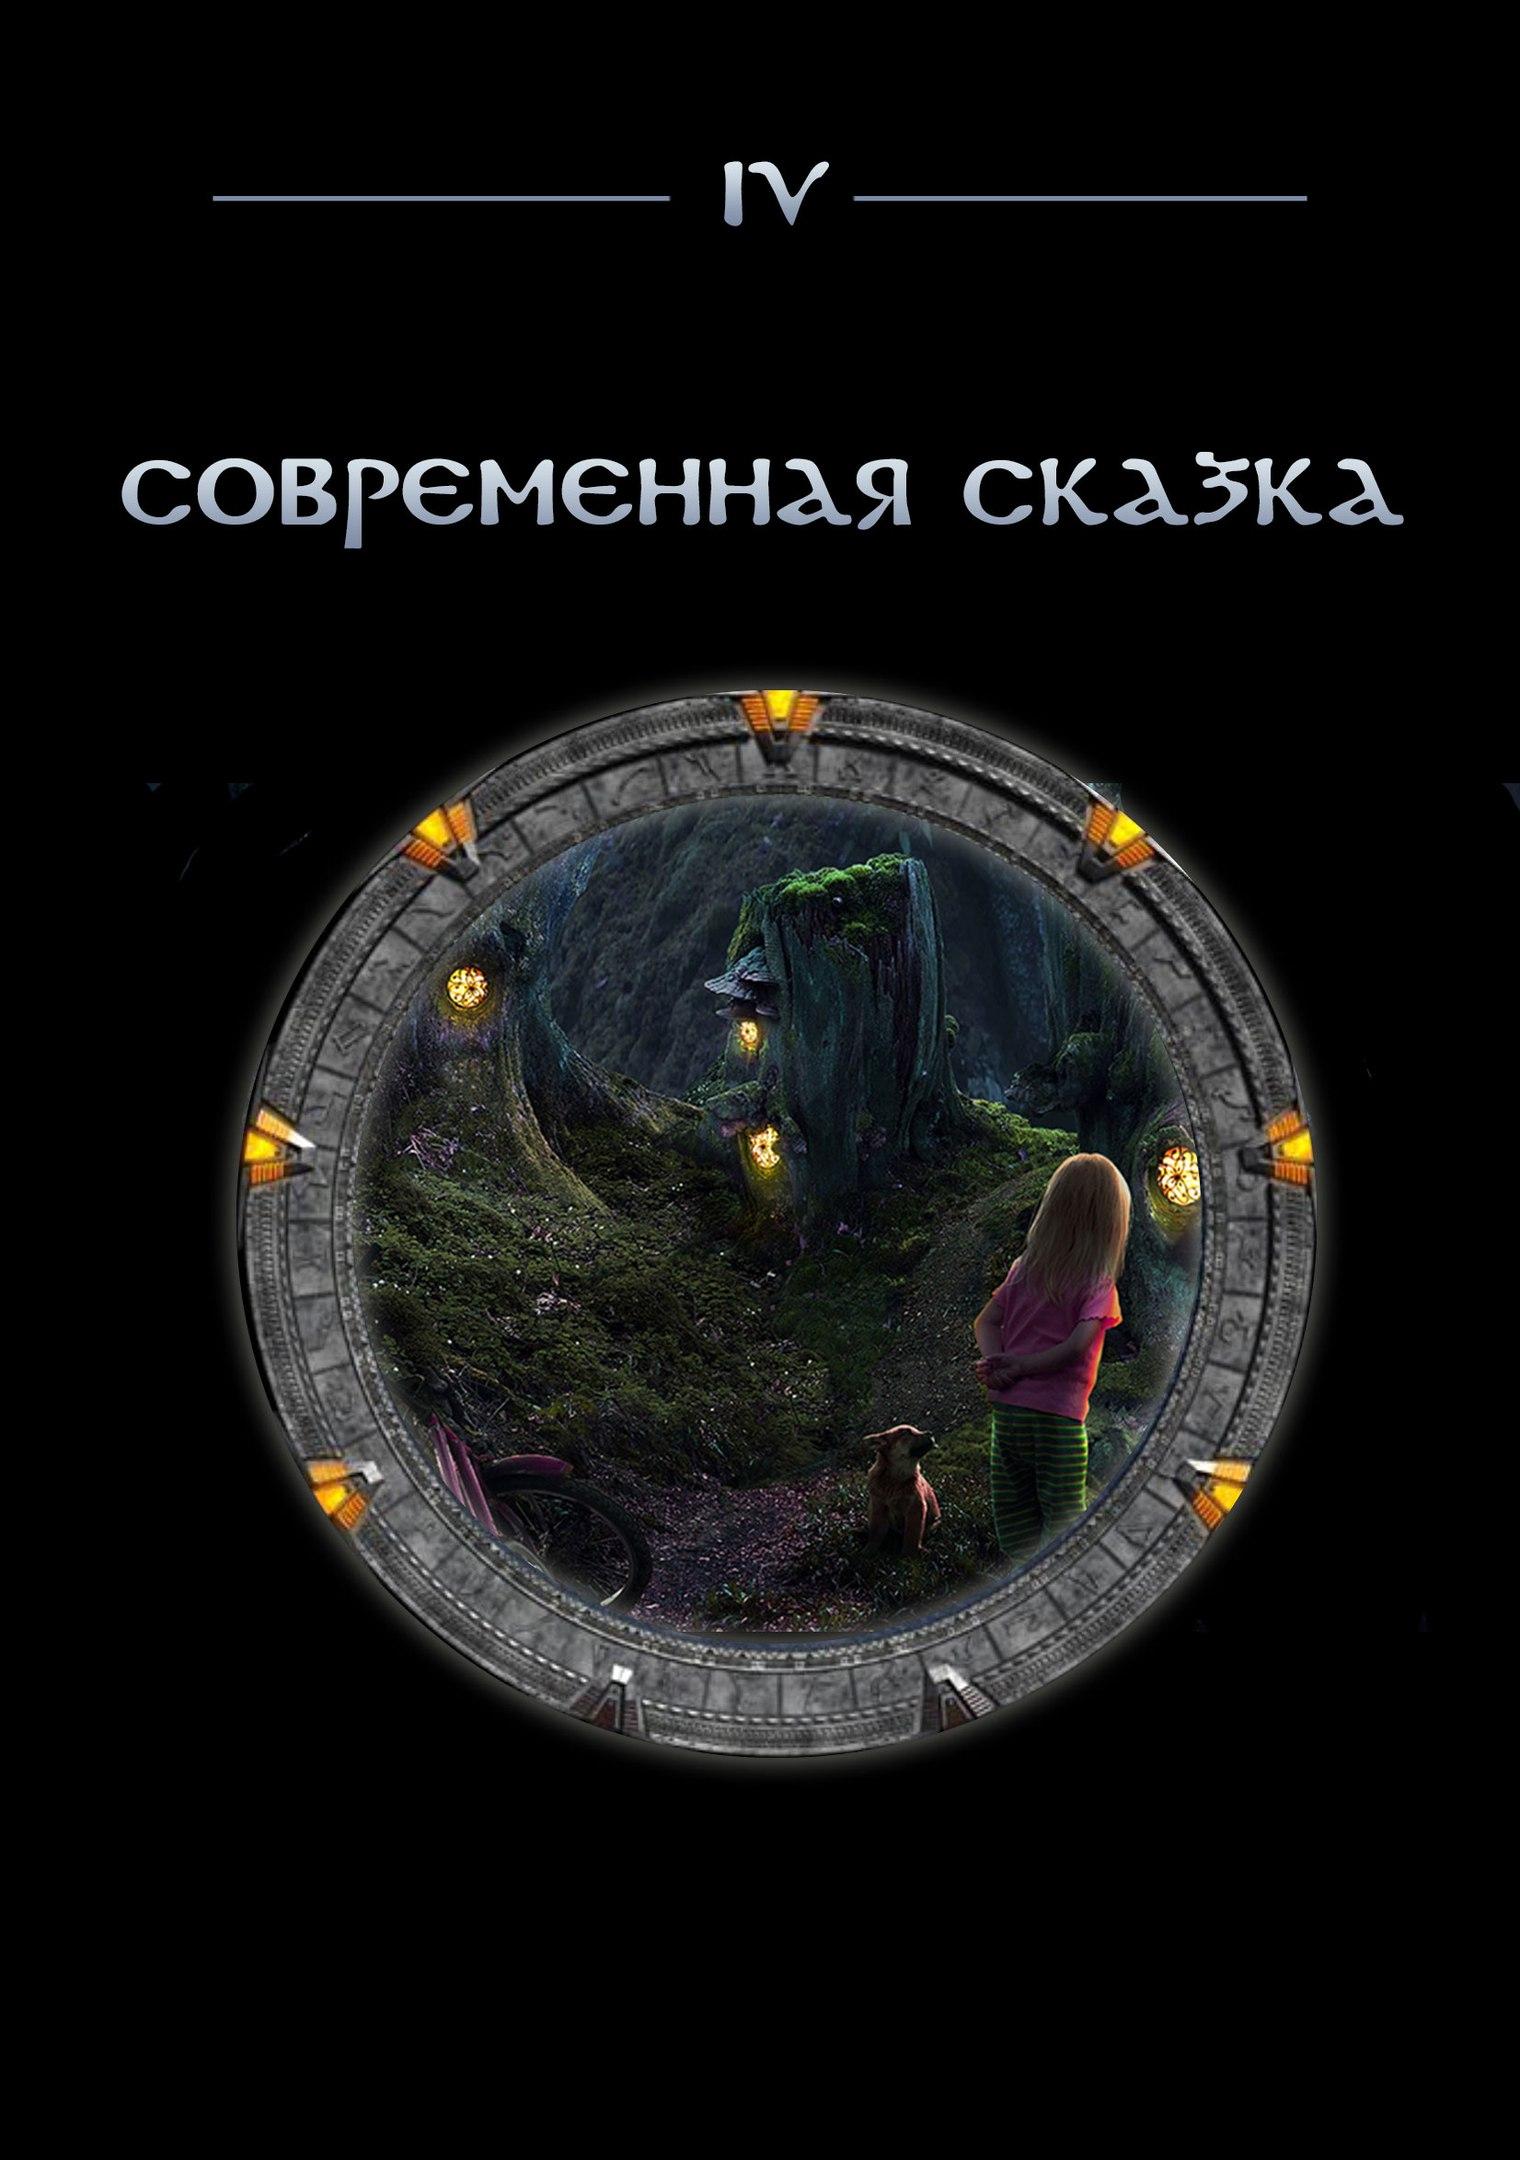 Смотреть Не рот, а портал в ад: в сети подняли на смех гламурных красавиц Украины видео